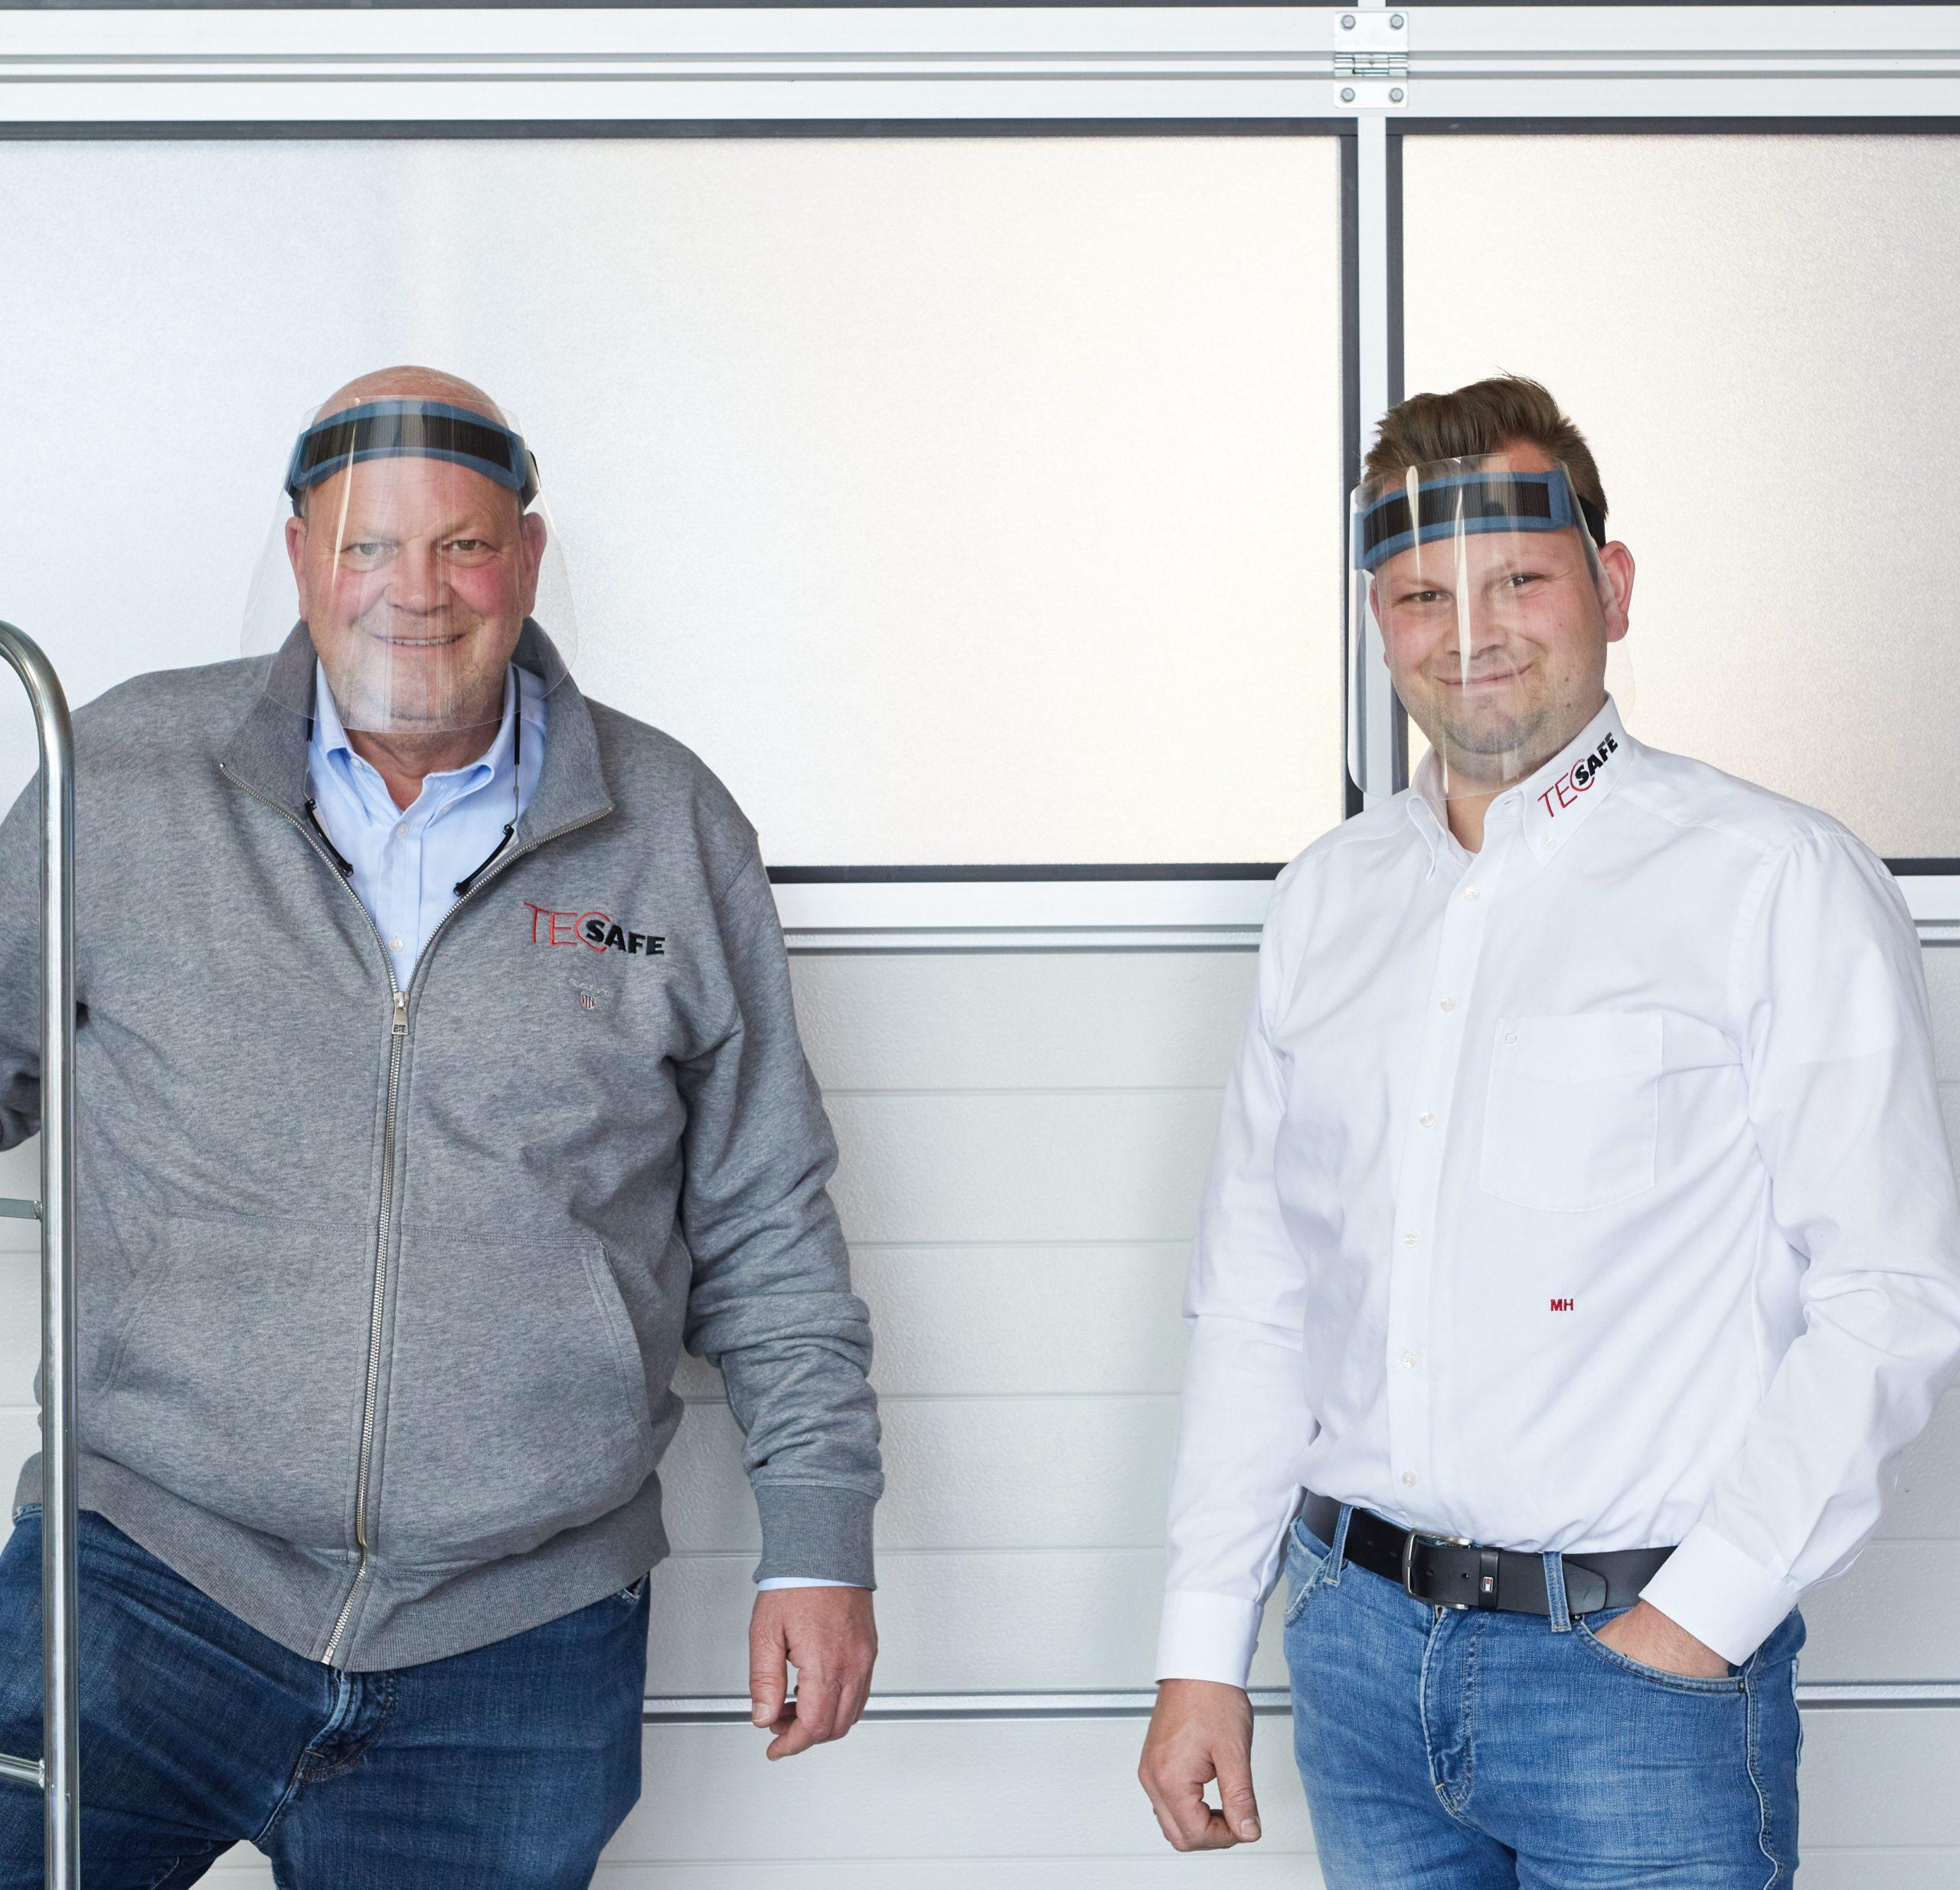 Knut und Maximilian Hermes, Geschäftsführer der TECSAFE GmbH